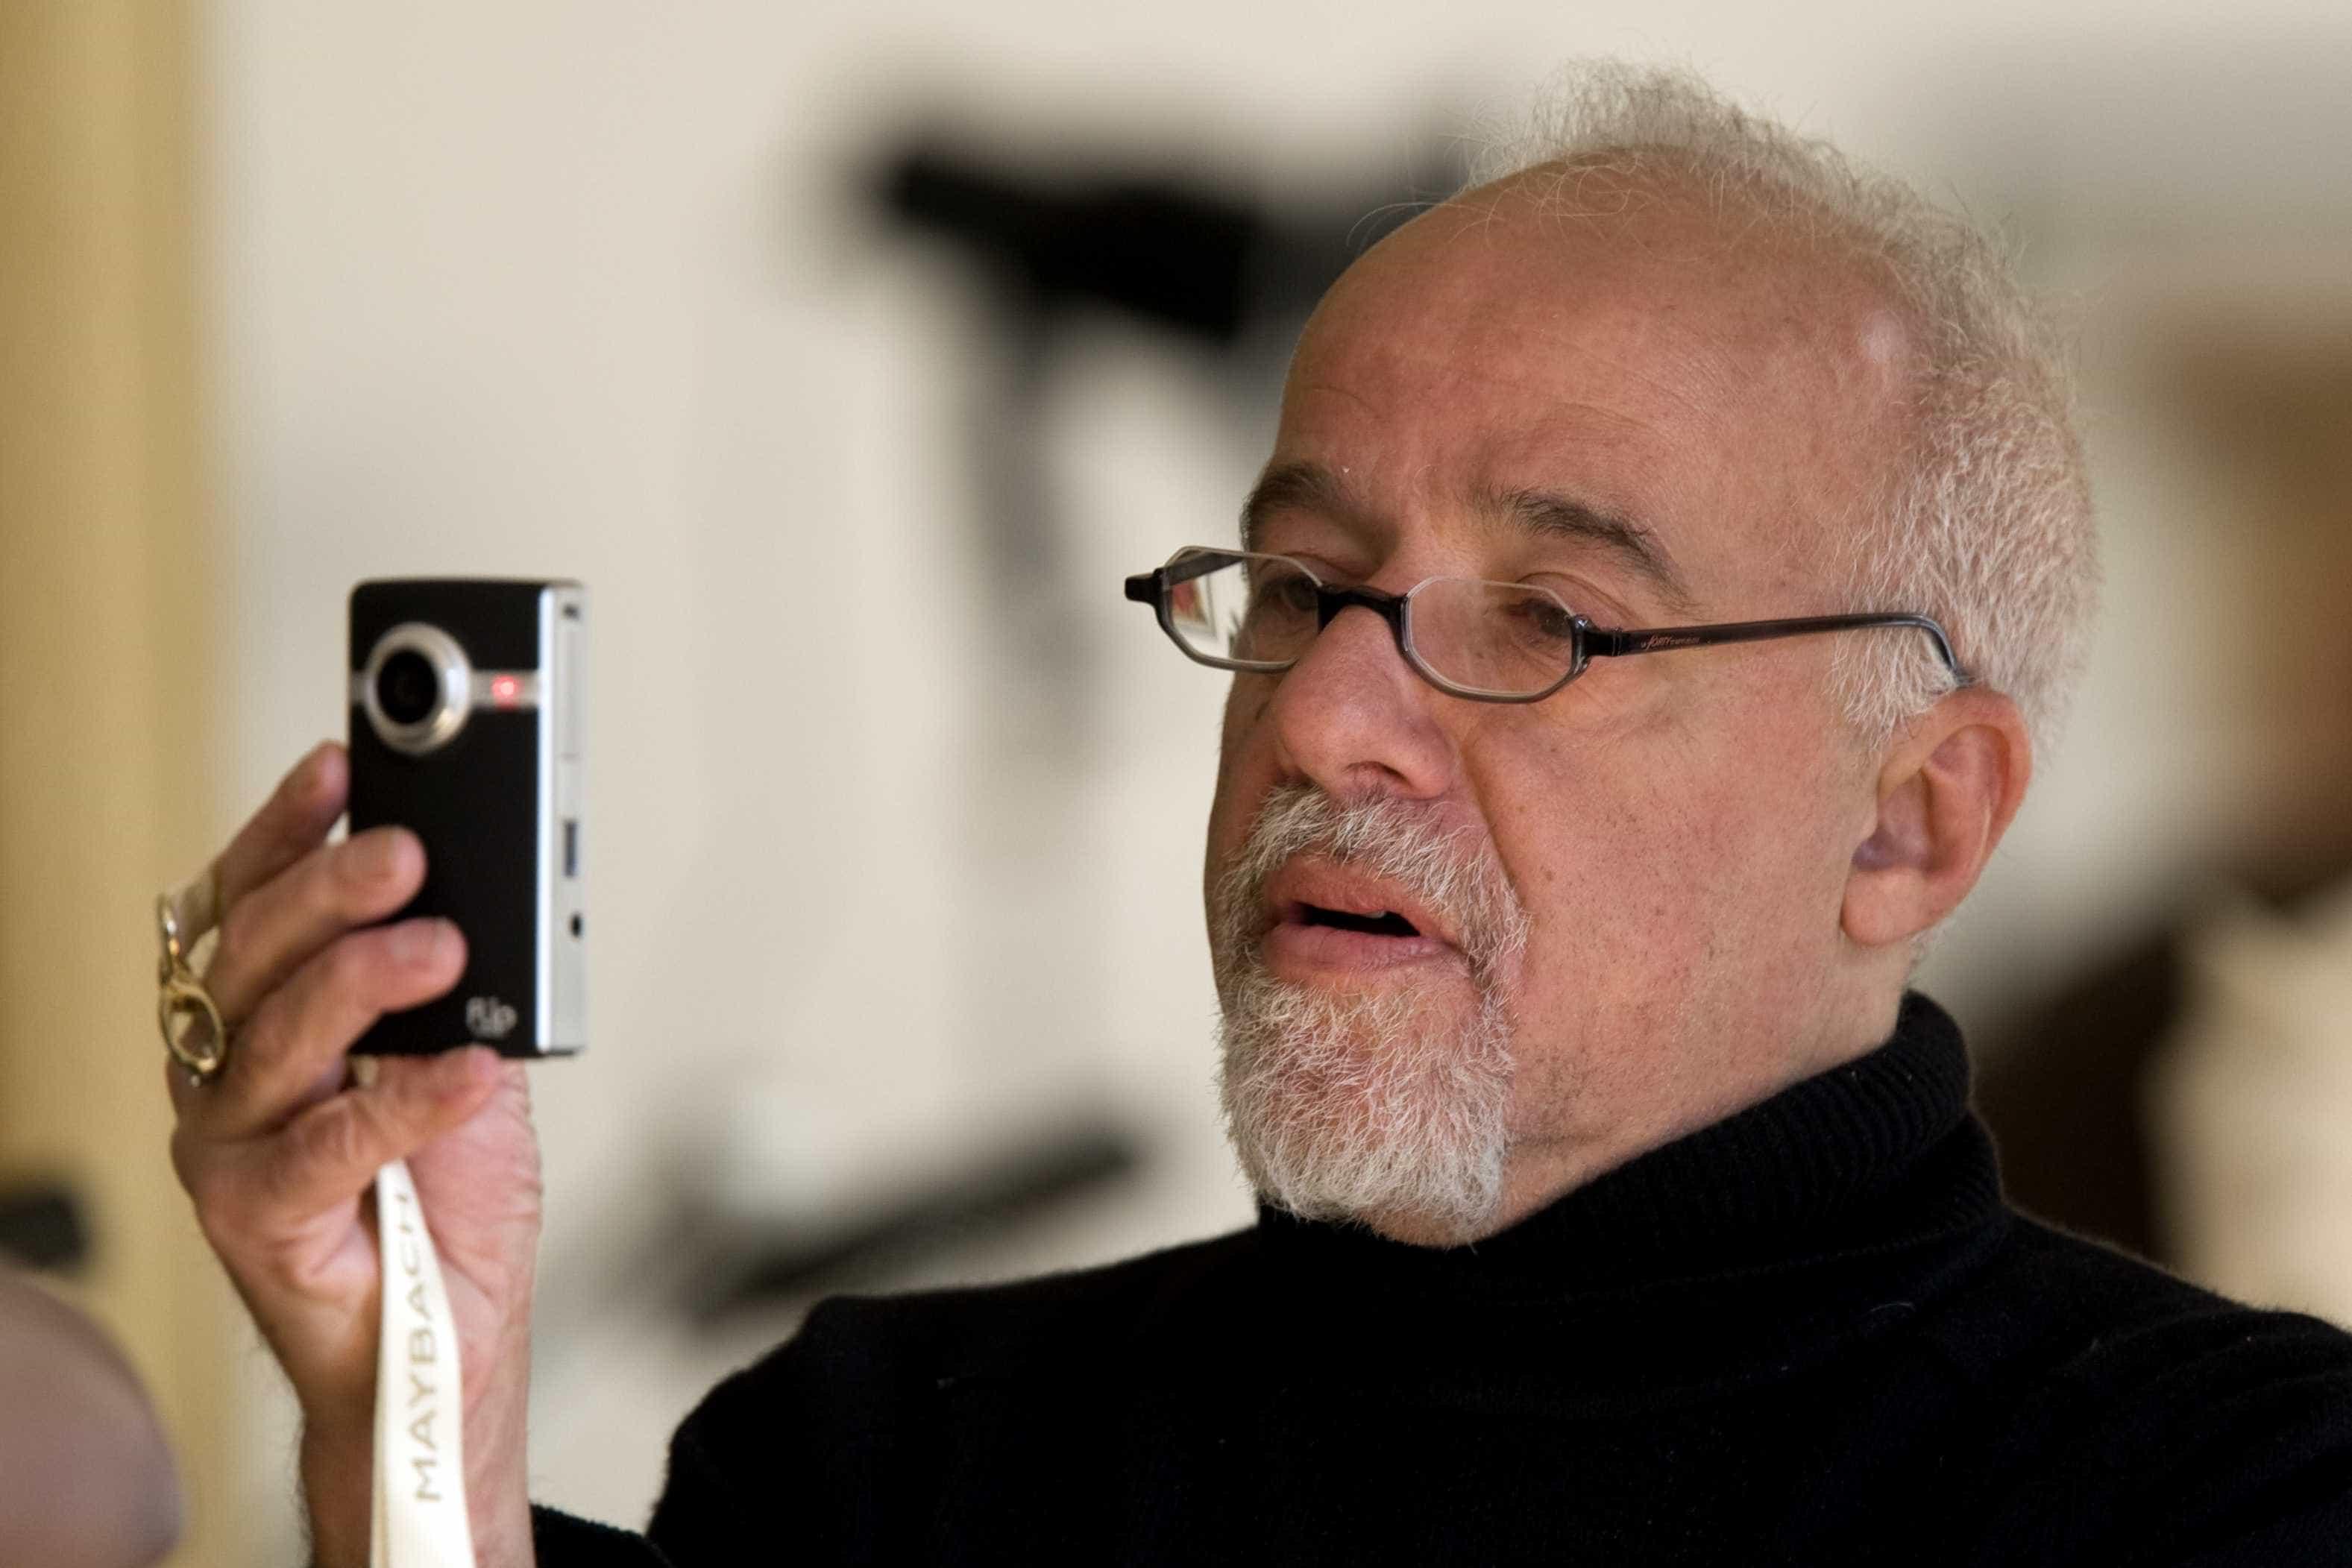 Obras de Paulo Coelho irão virar série de televisão, diz site